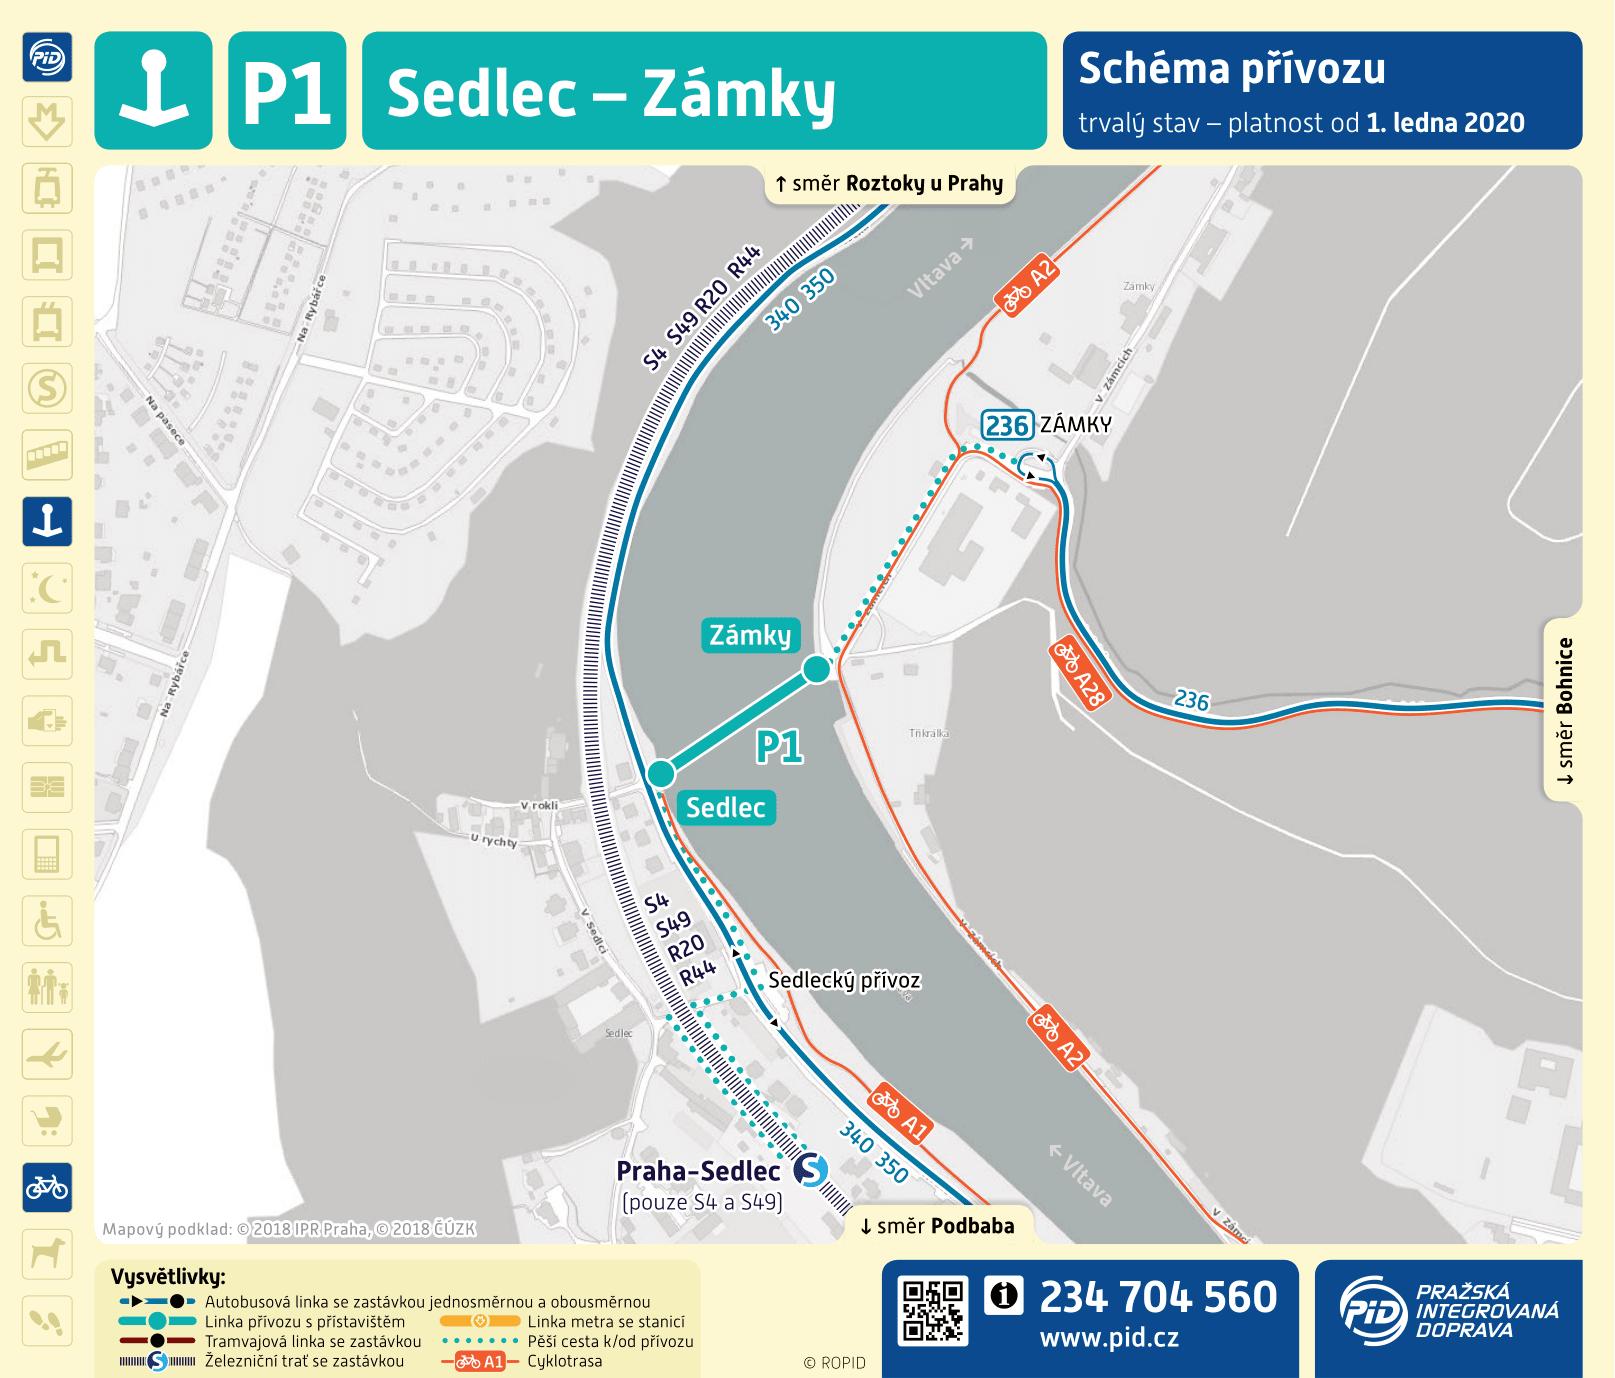 Mapa trasy přívozu P1 | Pražské Benátky